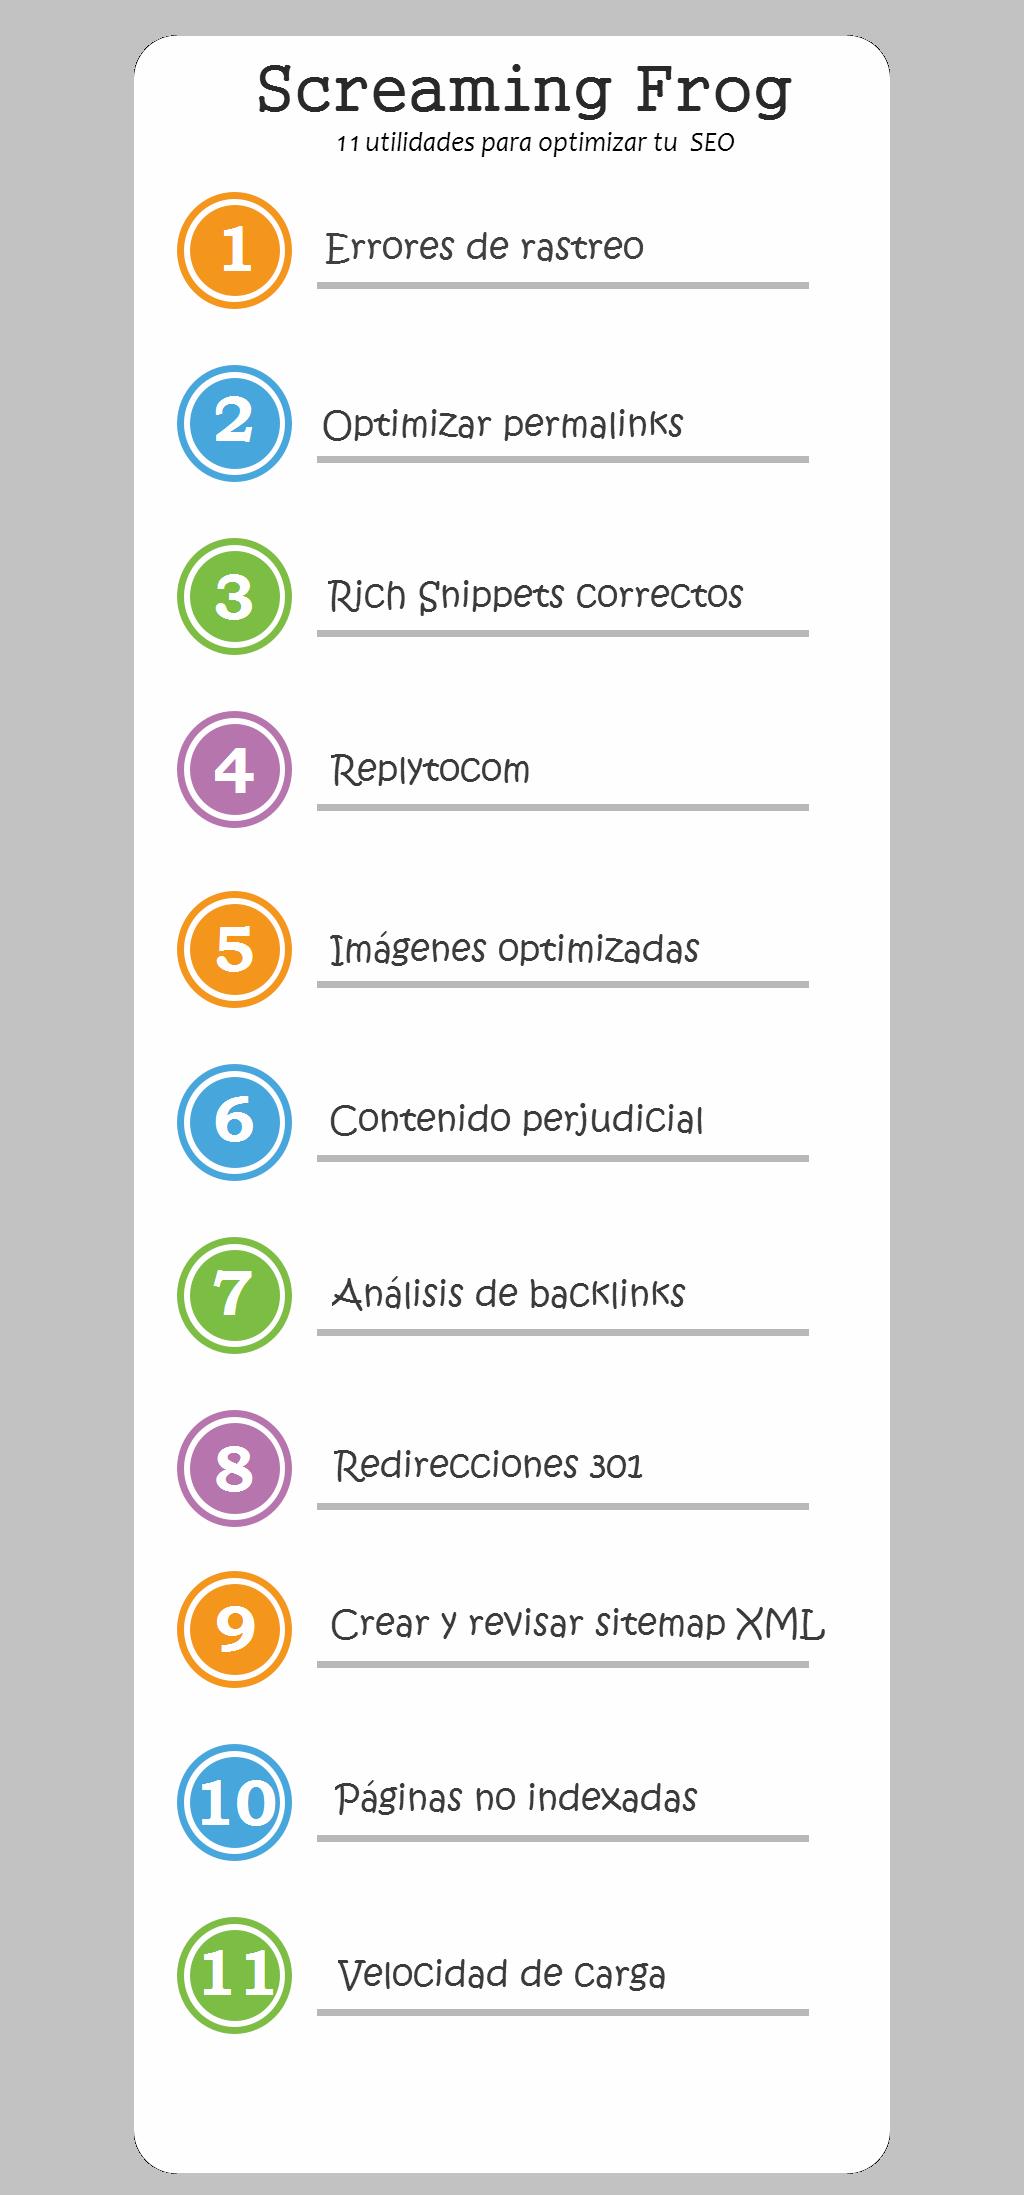 checklisthecha